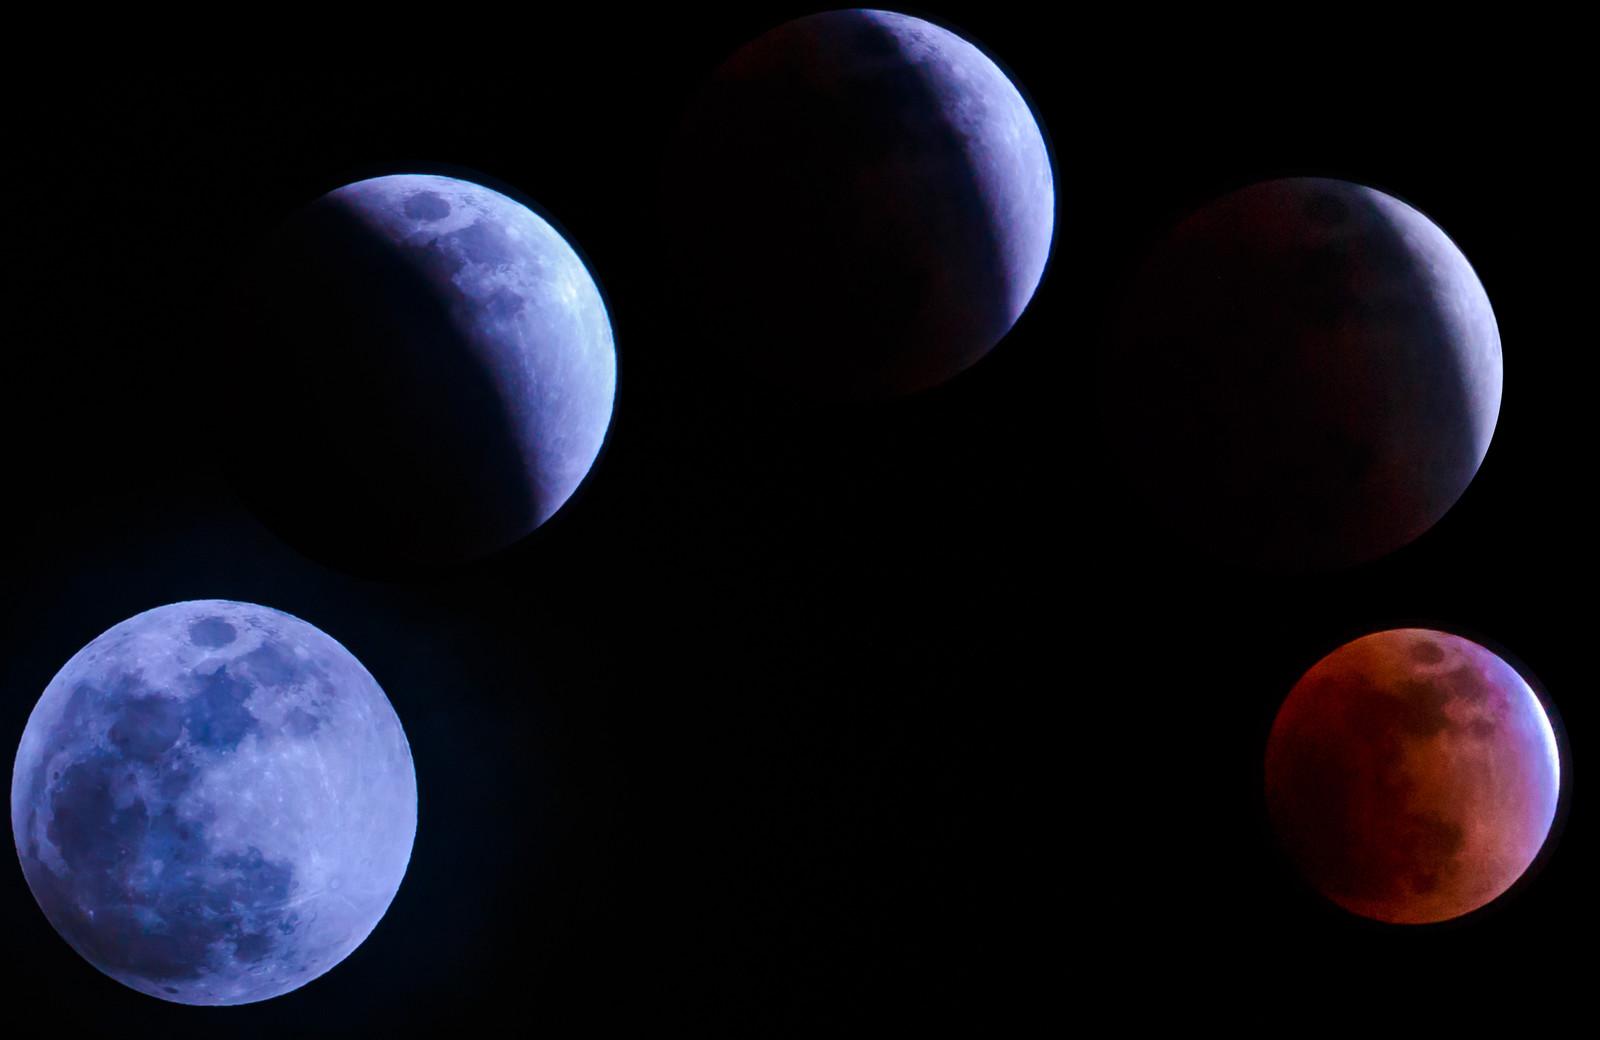 月の撮影方法(カメラの基本設定)